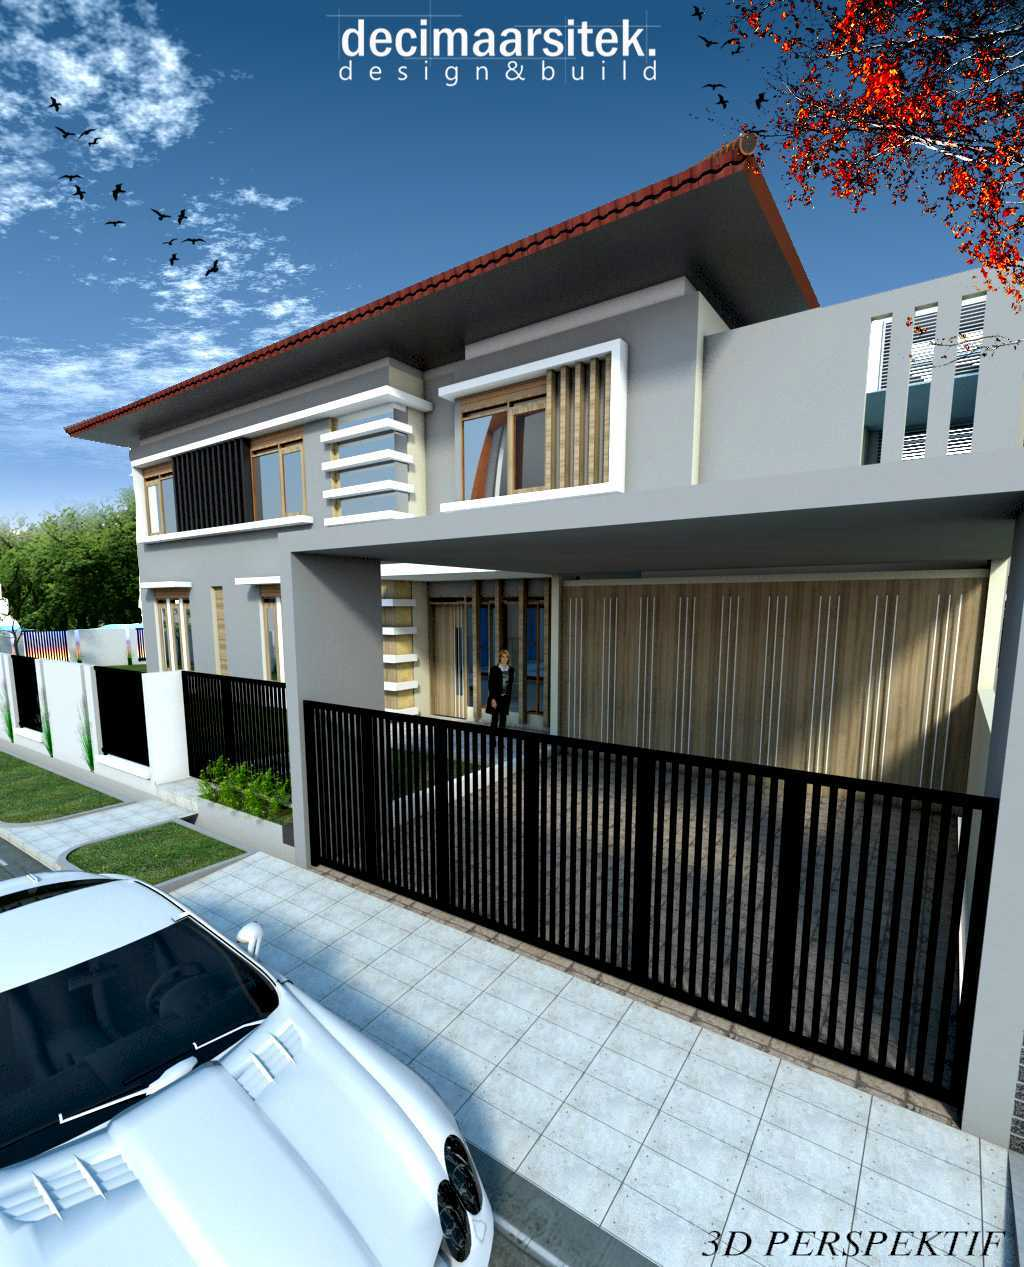 Studio Decima Arsitek Rumah Tinggal Antapani Antapani, Kota Bandung, Jawa Barat, Indonesia Antapani, Kota Bandung, Jawa Barat, Indonesia Decimaarsitek-Rumah-Tinggal-Antapani  65175